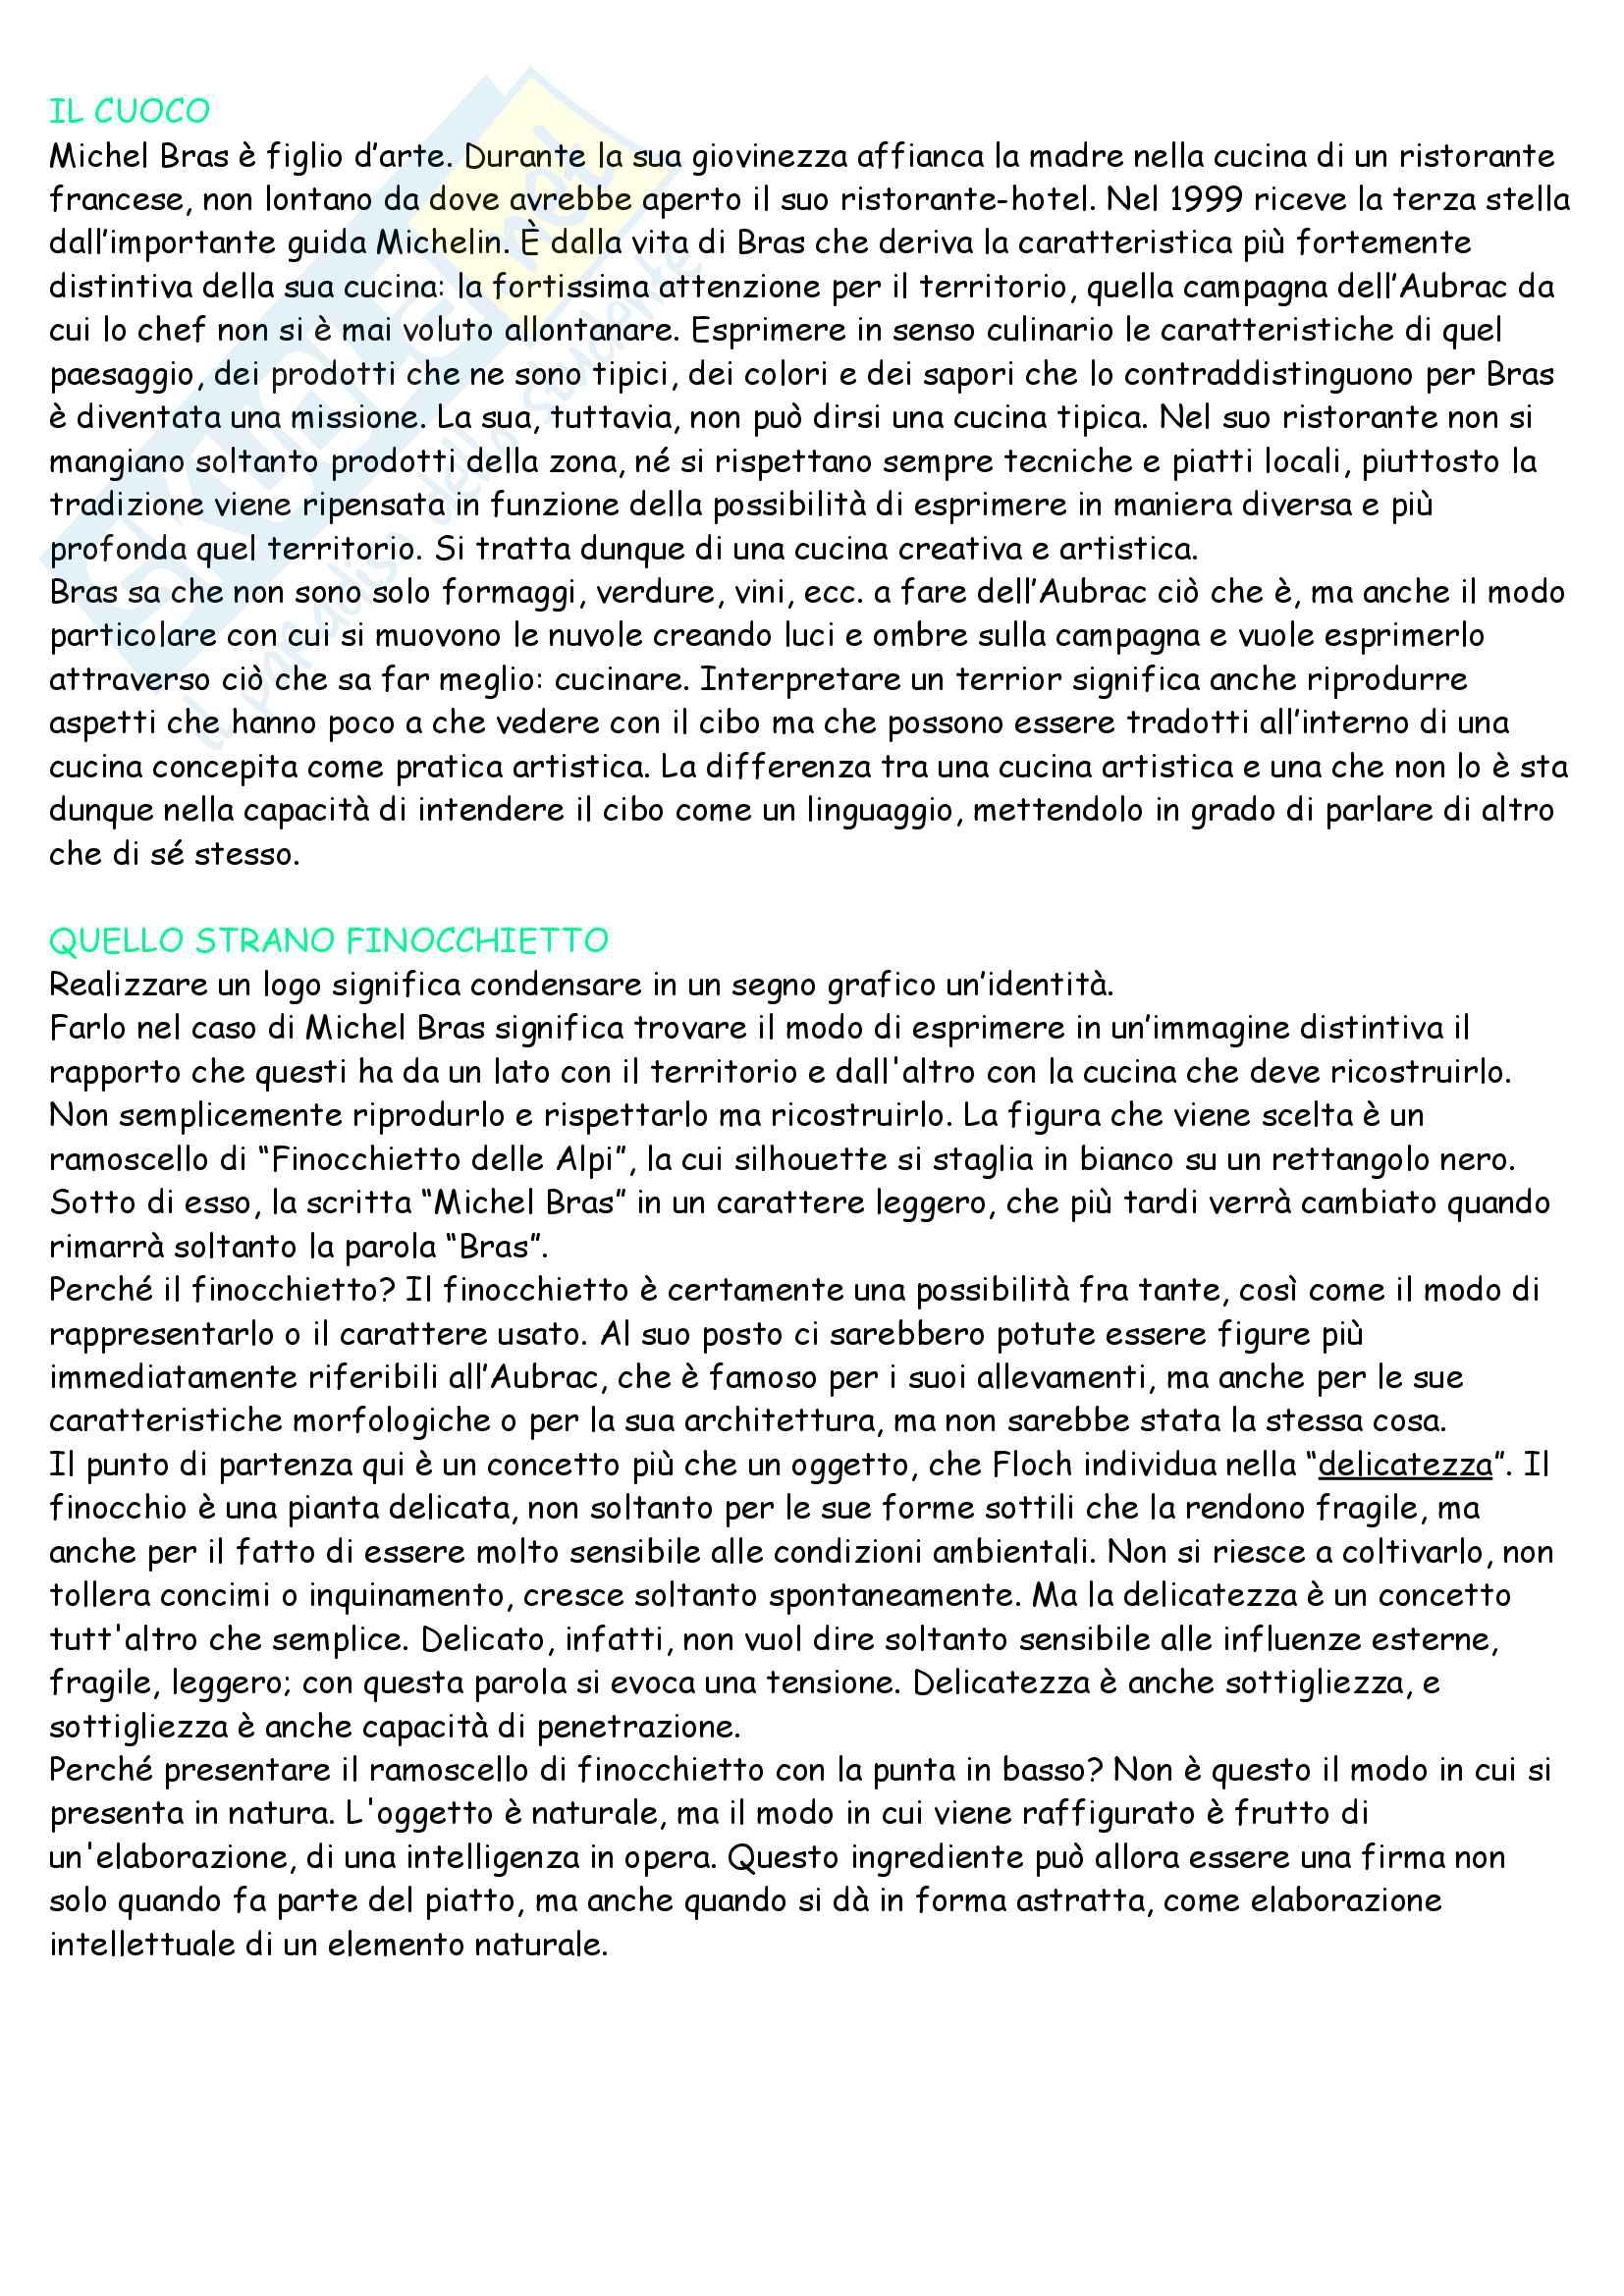 Riassunto per esame di semiotica della comunicazione, docente Giovanni Marrone, libro di testo consigliato Che cos è il food design, Dario Mangano Pag. 26